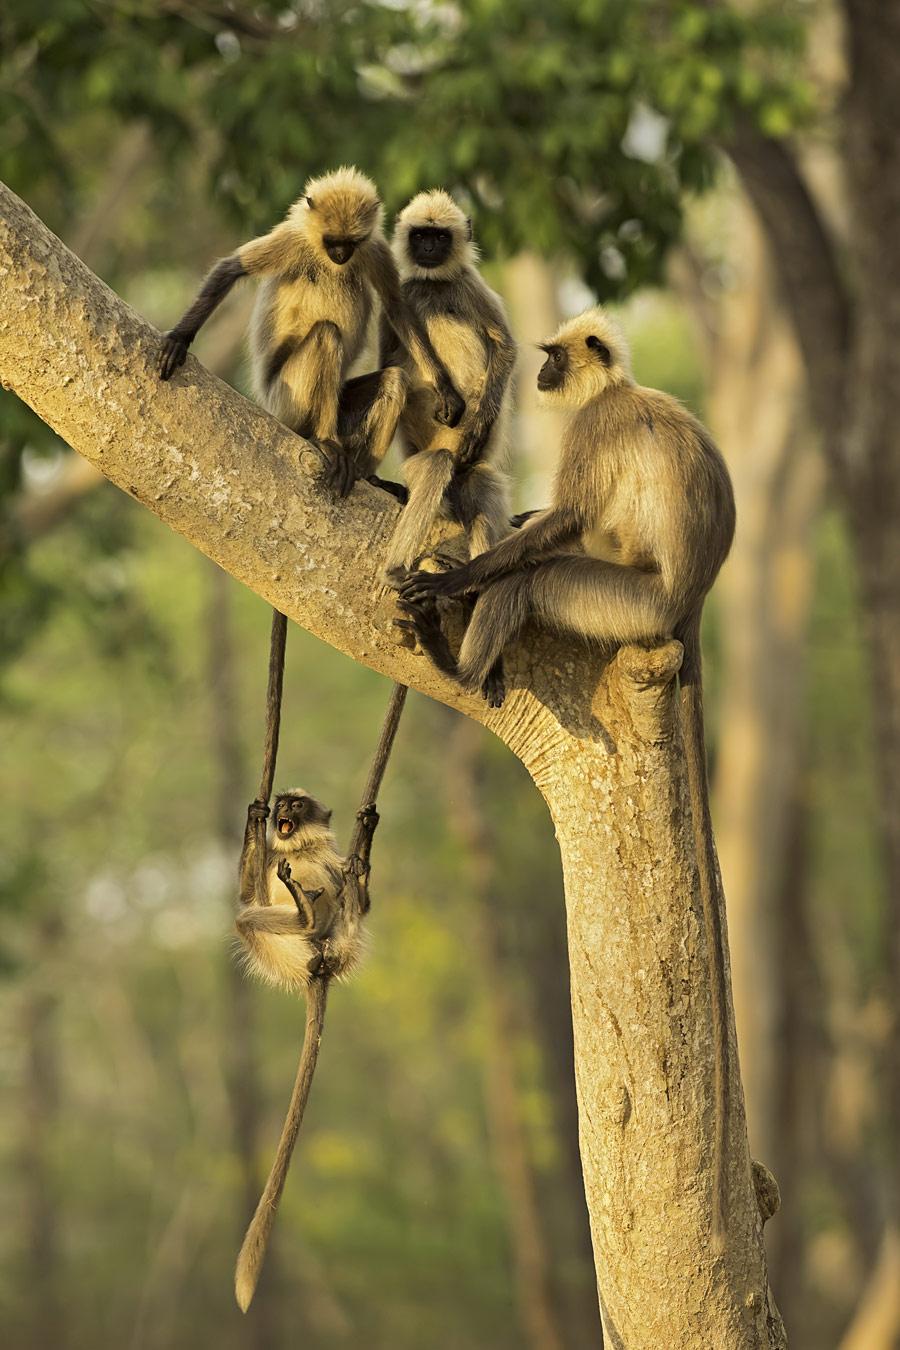 Томас Виджаян / Thomas Vijayan, Оквилл, Канада, Почётная оценка в категории «Дикая природа», Фотоконкурс «Лучшая природная фотография Азии» — Nature's Best Photography Asia